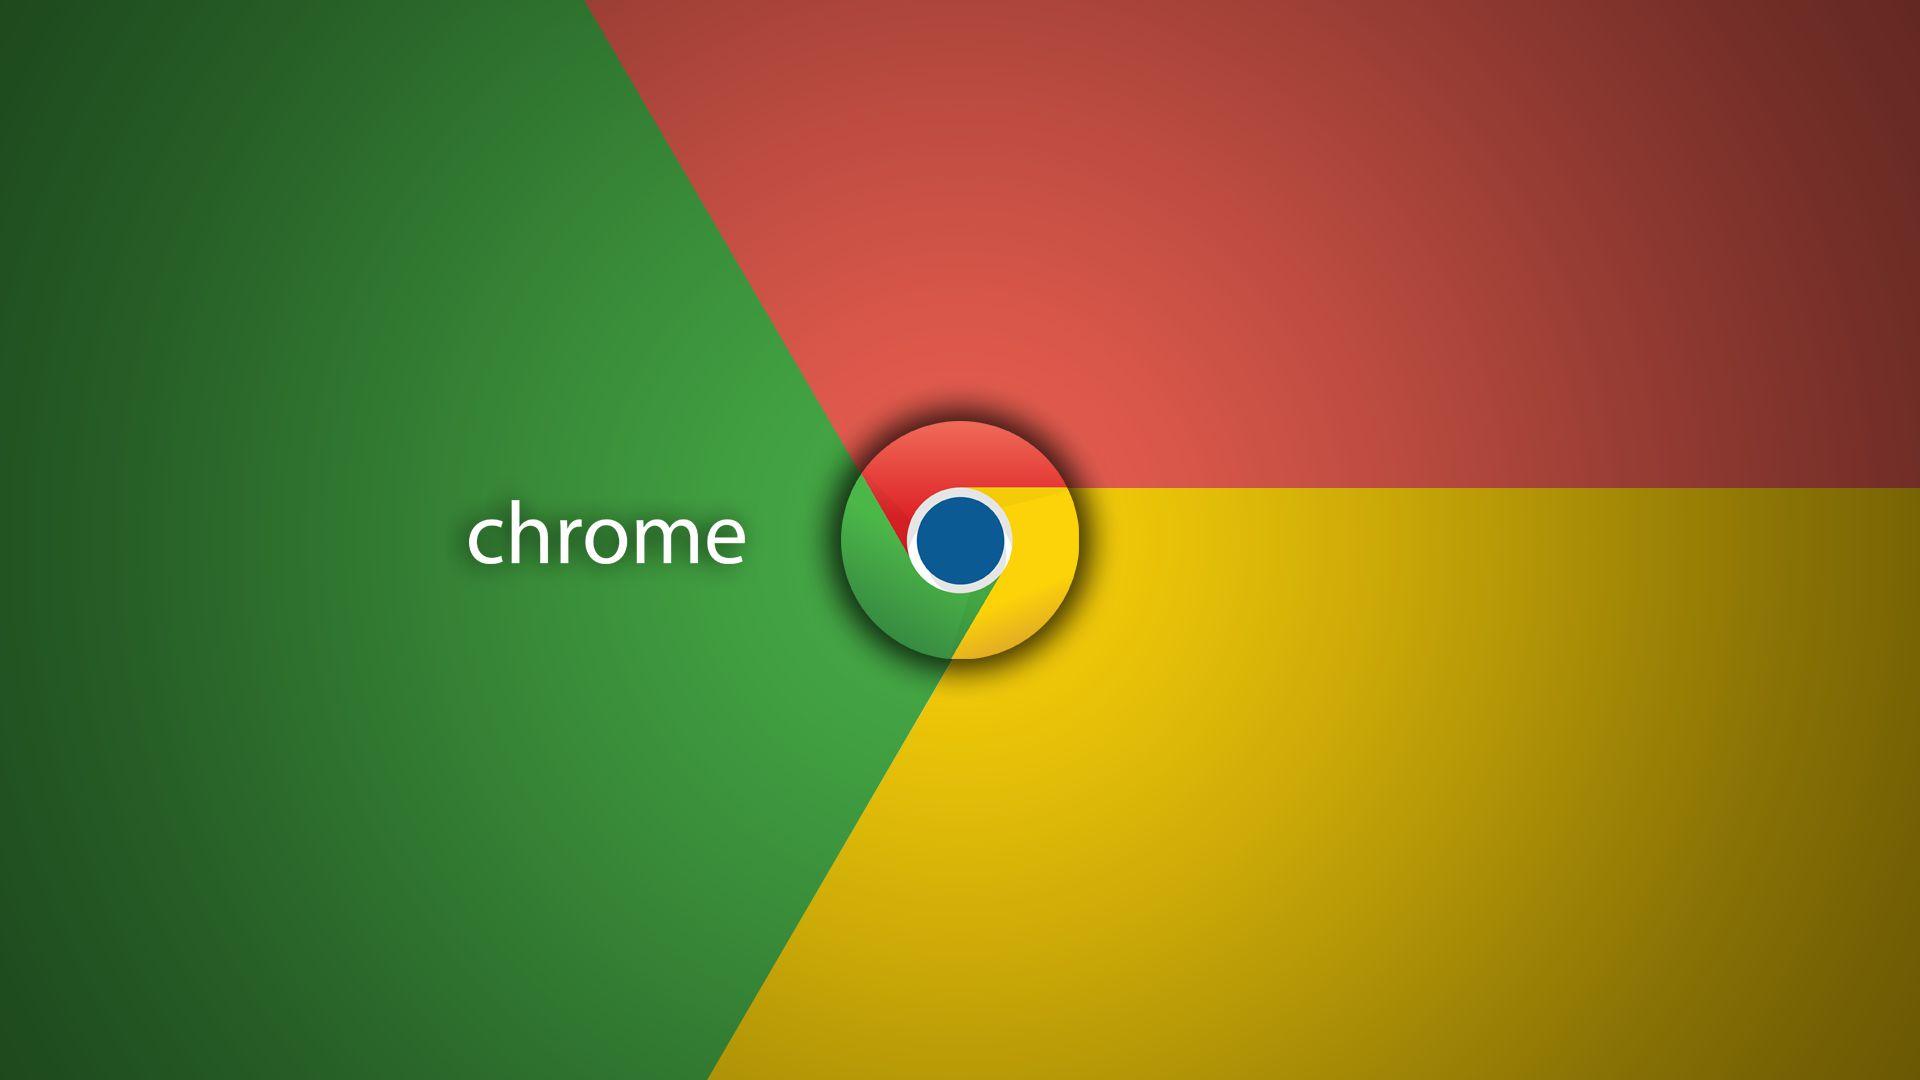 تغییرات فنی در نسخه جدید گوگل کروم